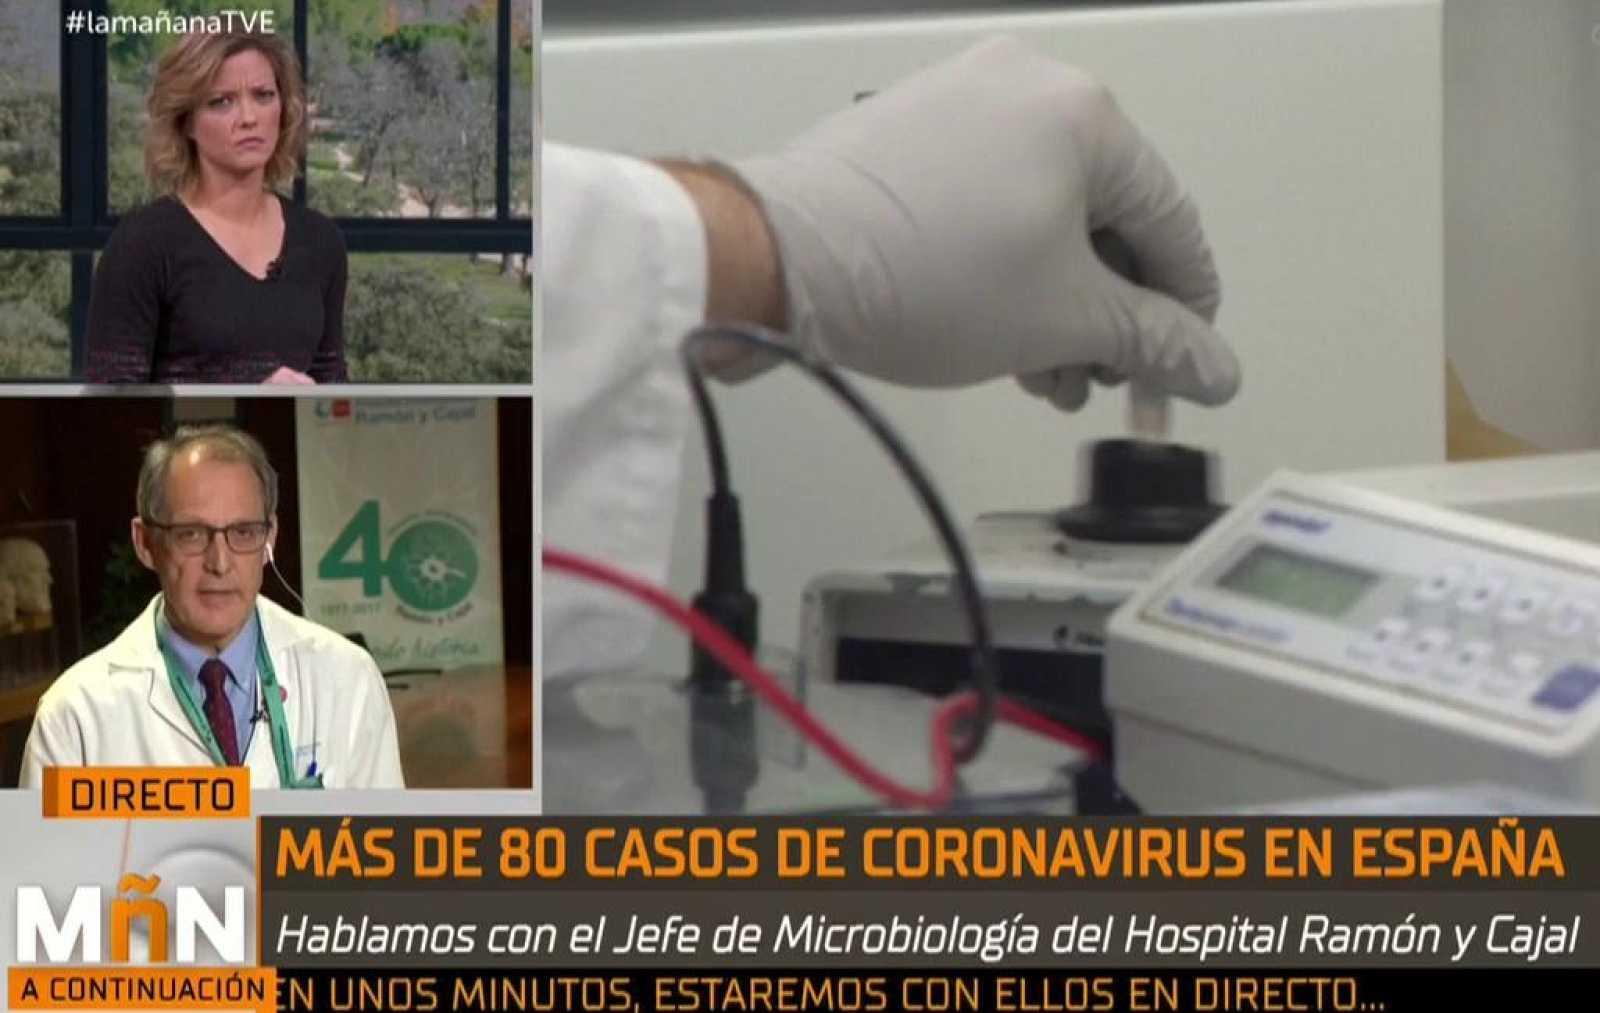 """Rafael Cantón Jefe de Servicios de Microbiología del Ramón y Cajal: """"El tratamiento en Sevilla parece la mejor opción terapéutica contra el brote"""""""